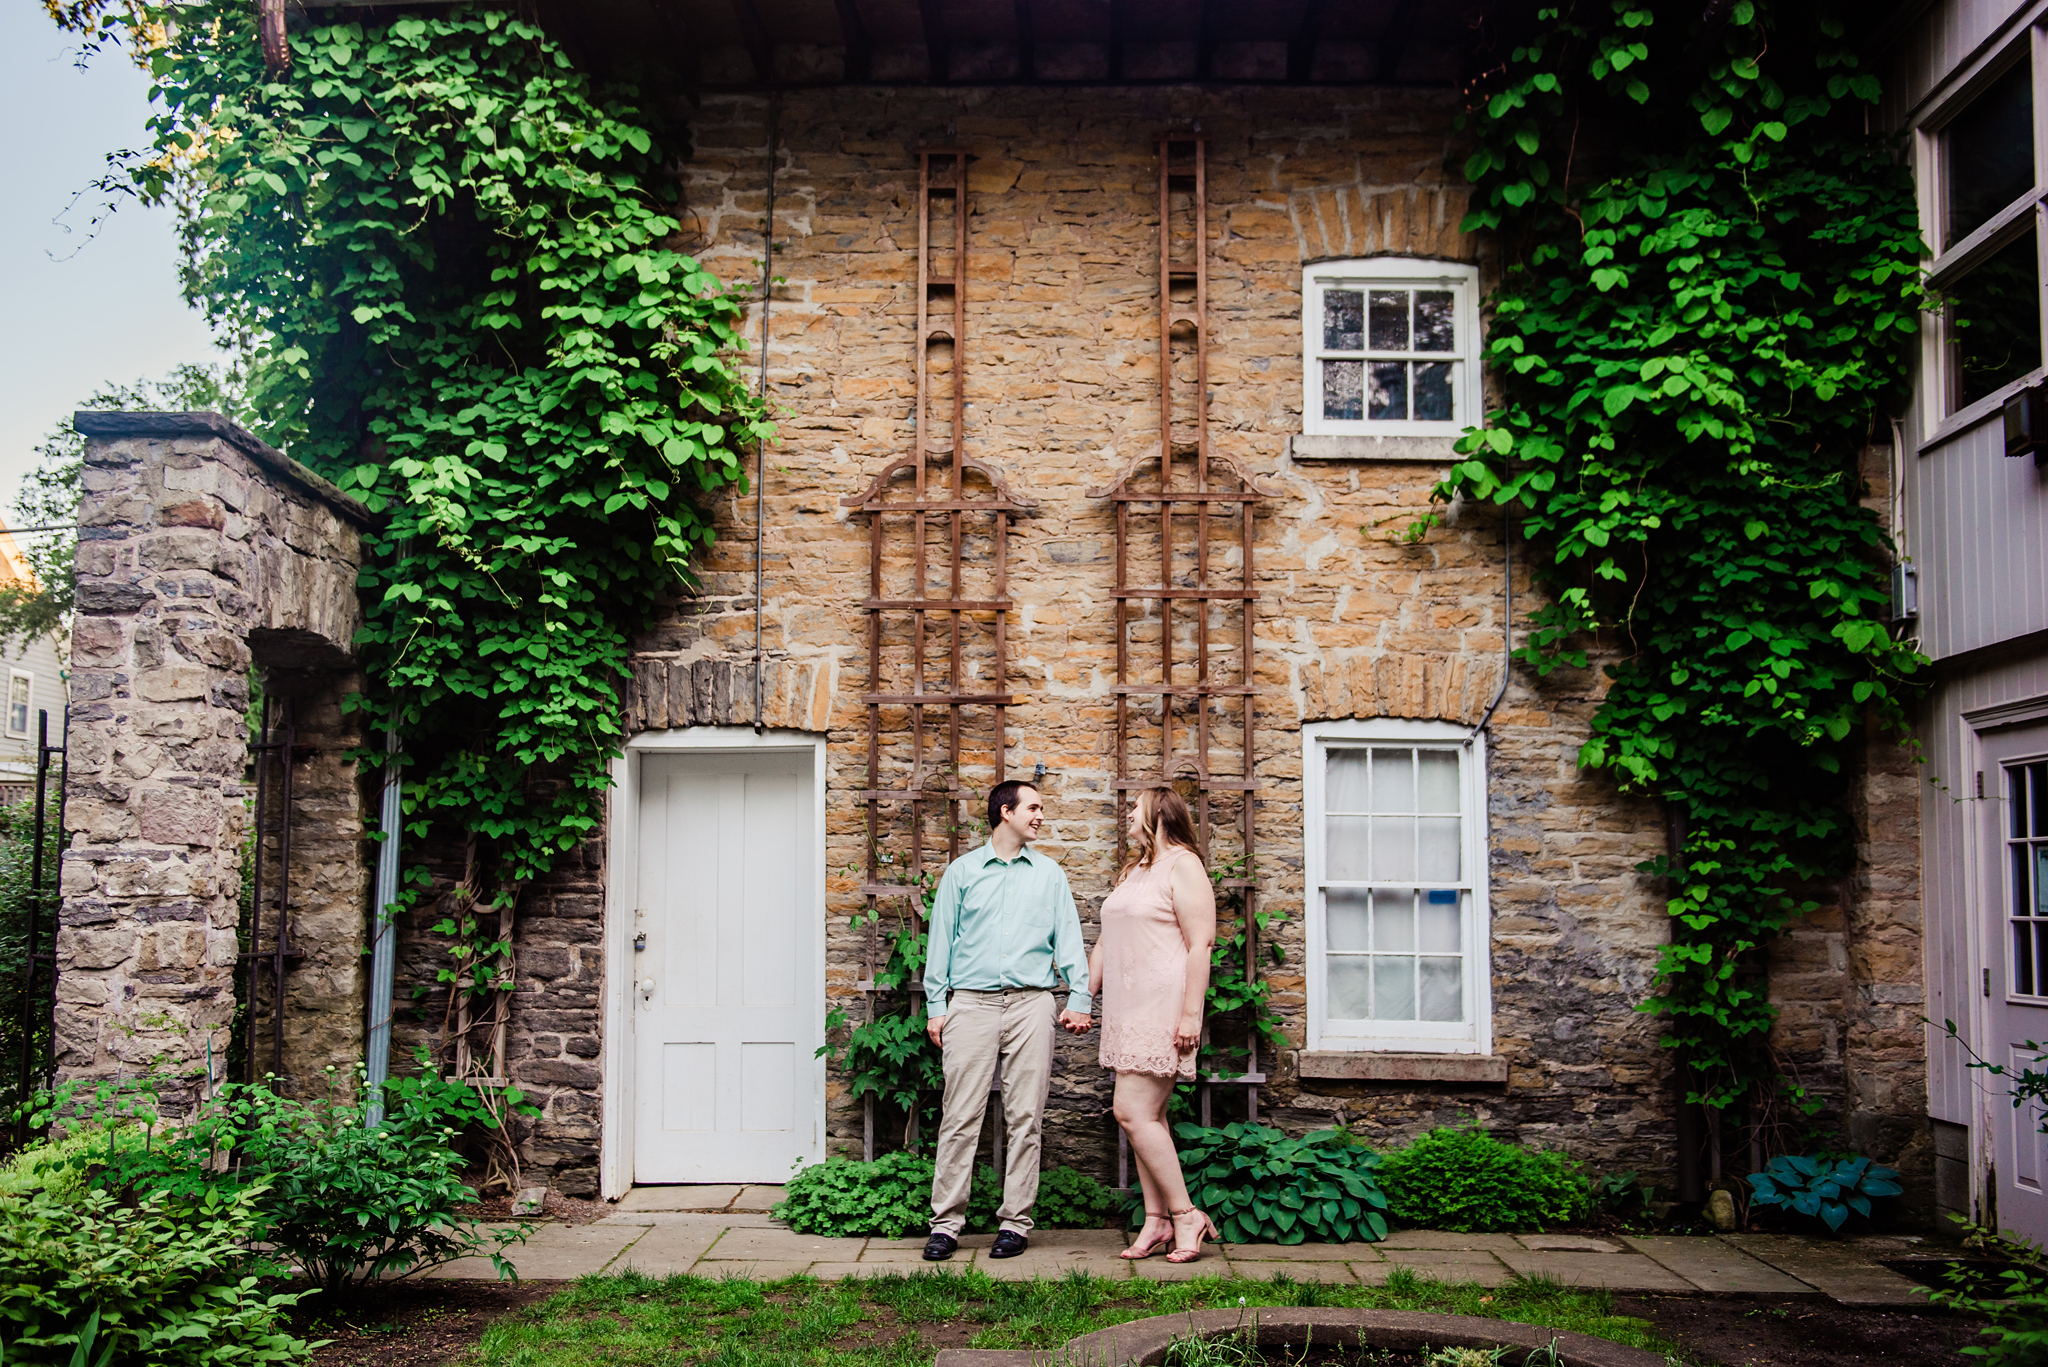 Warner_Castle_Sunken_Gardens_Rochester_Engagement_Session_JILL_STUDIO_Rochester_NY_Photographer_DSC_1349.jpg